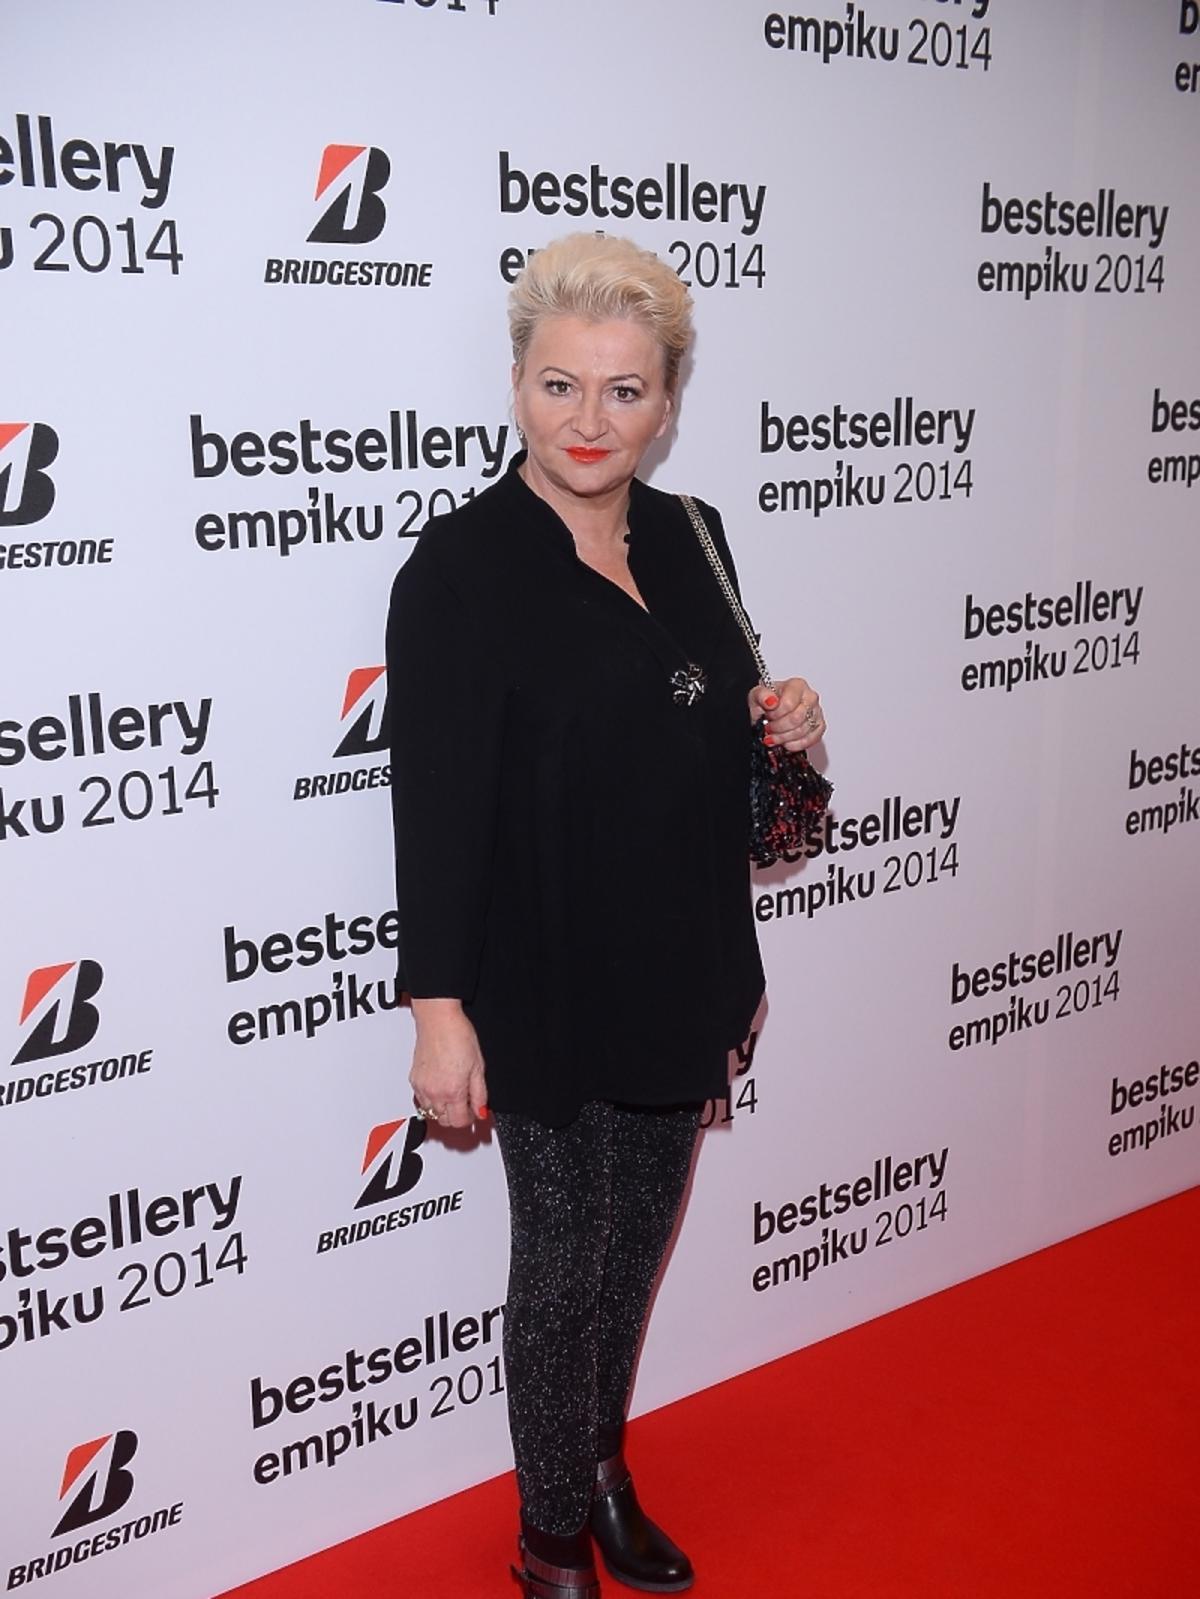 Hanna Bakuła na gali Bestsellery Empiku 2014